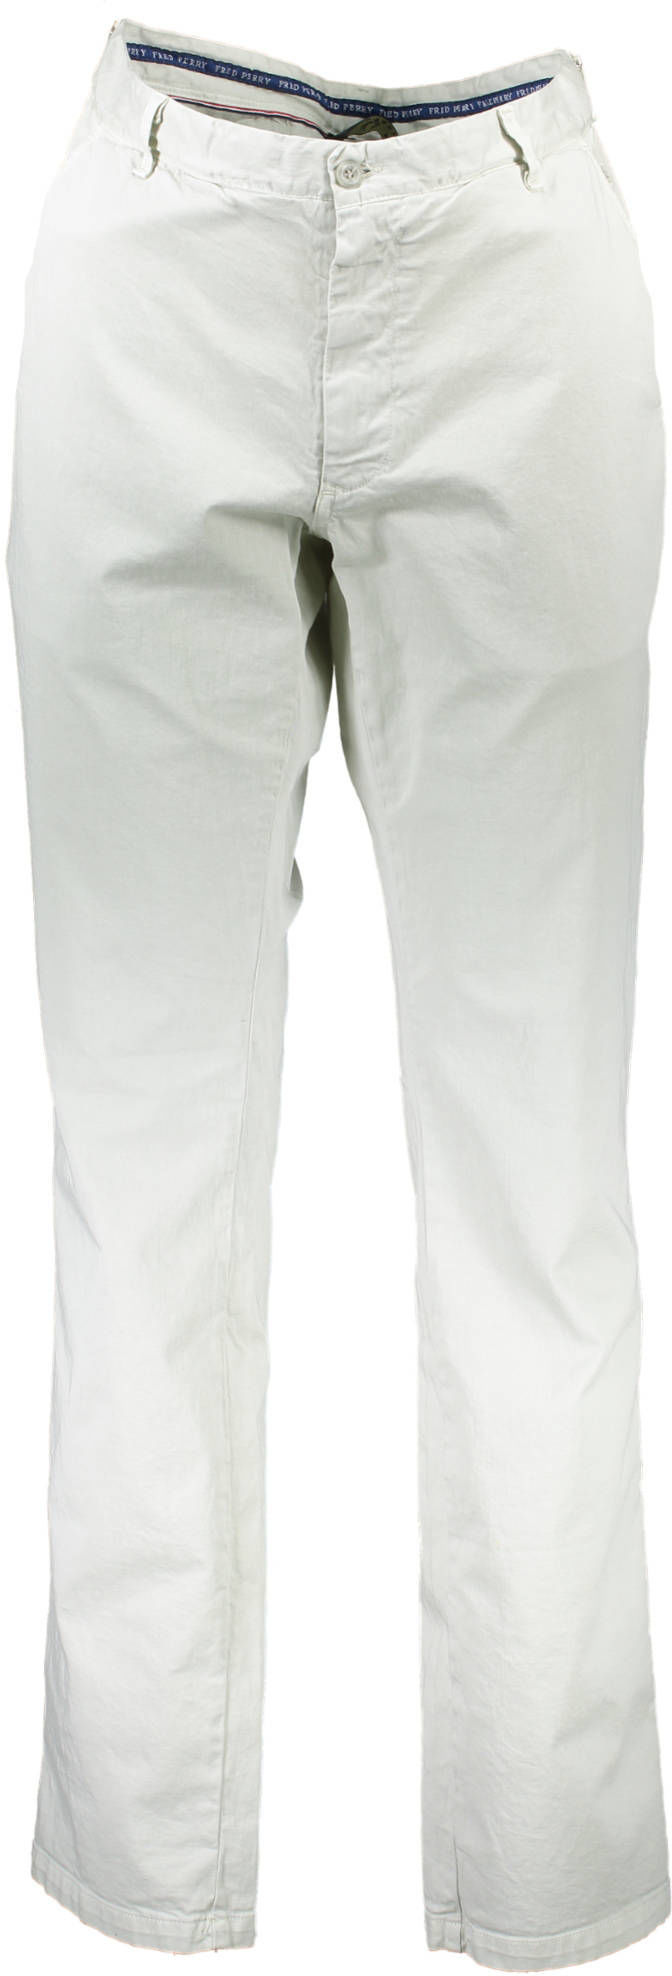 FRED PERRY Spodnie męskie